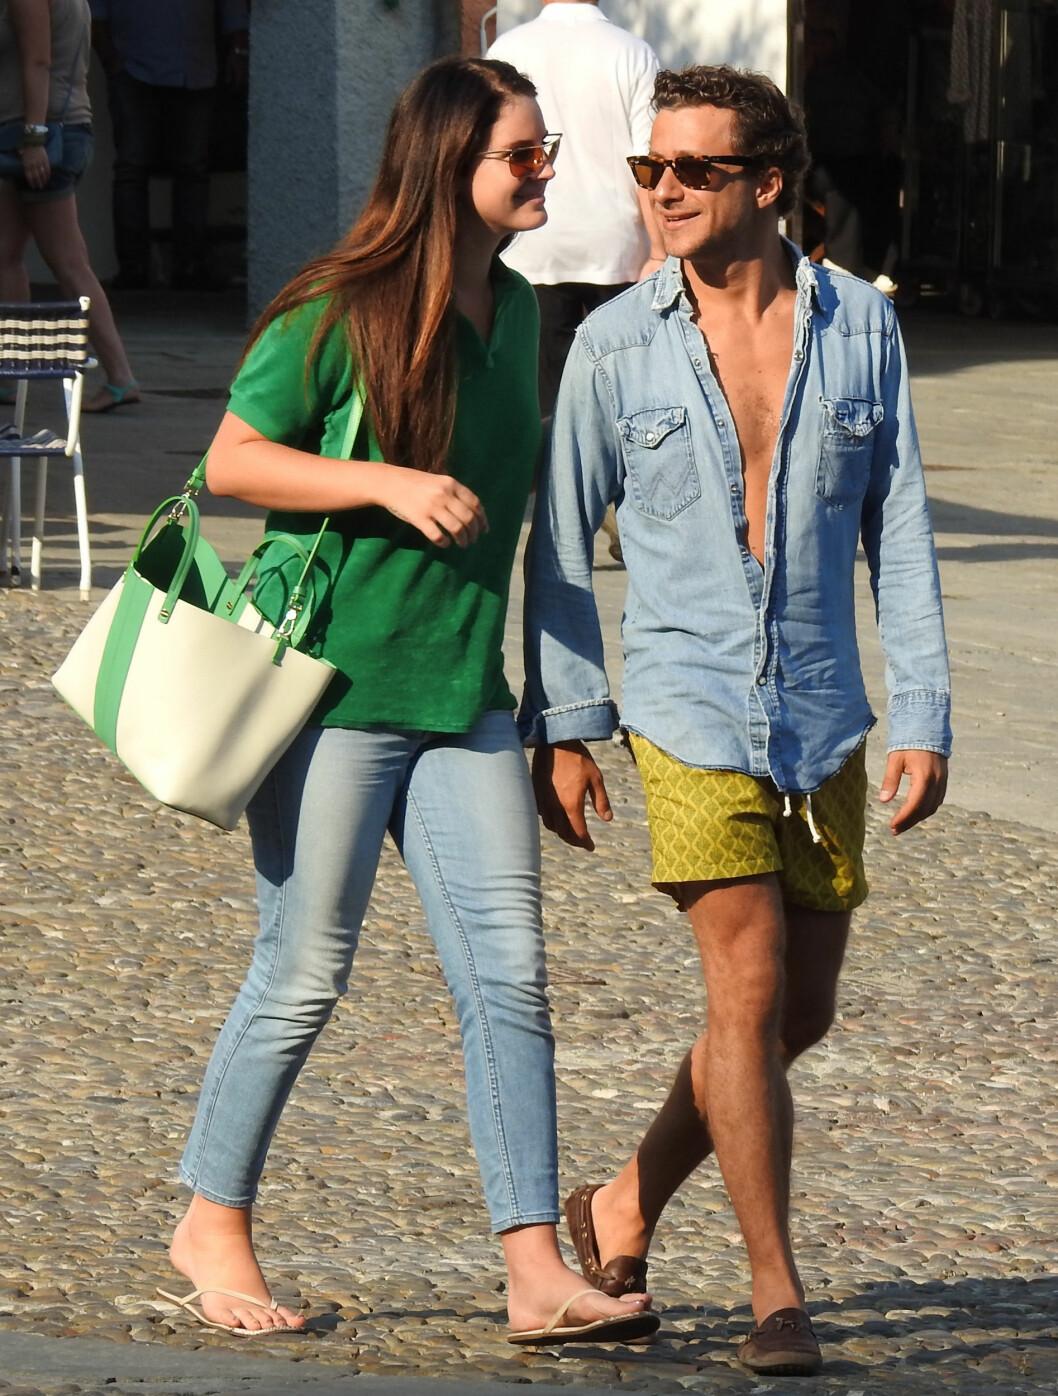 PENT PAR: Lana Del Rey og Francesco Carrozzini koste seg sammen med venner i Portofino i august. Nå, tre måneder senere, skal romansen deres ha tatt slutt.  Foto: Splash News